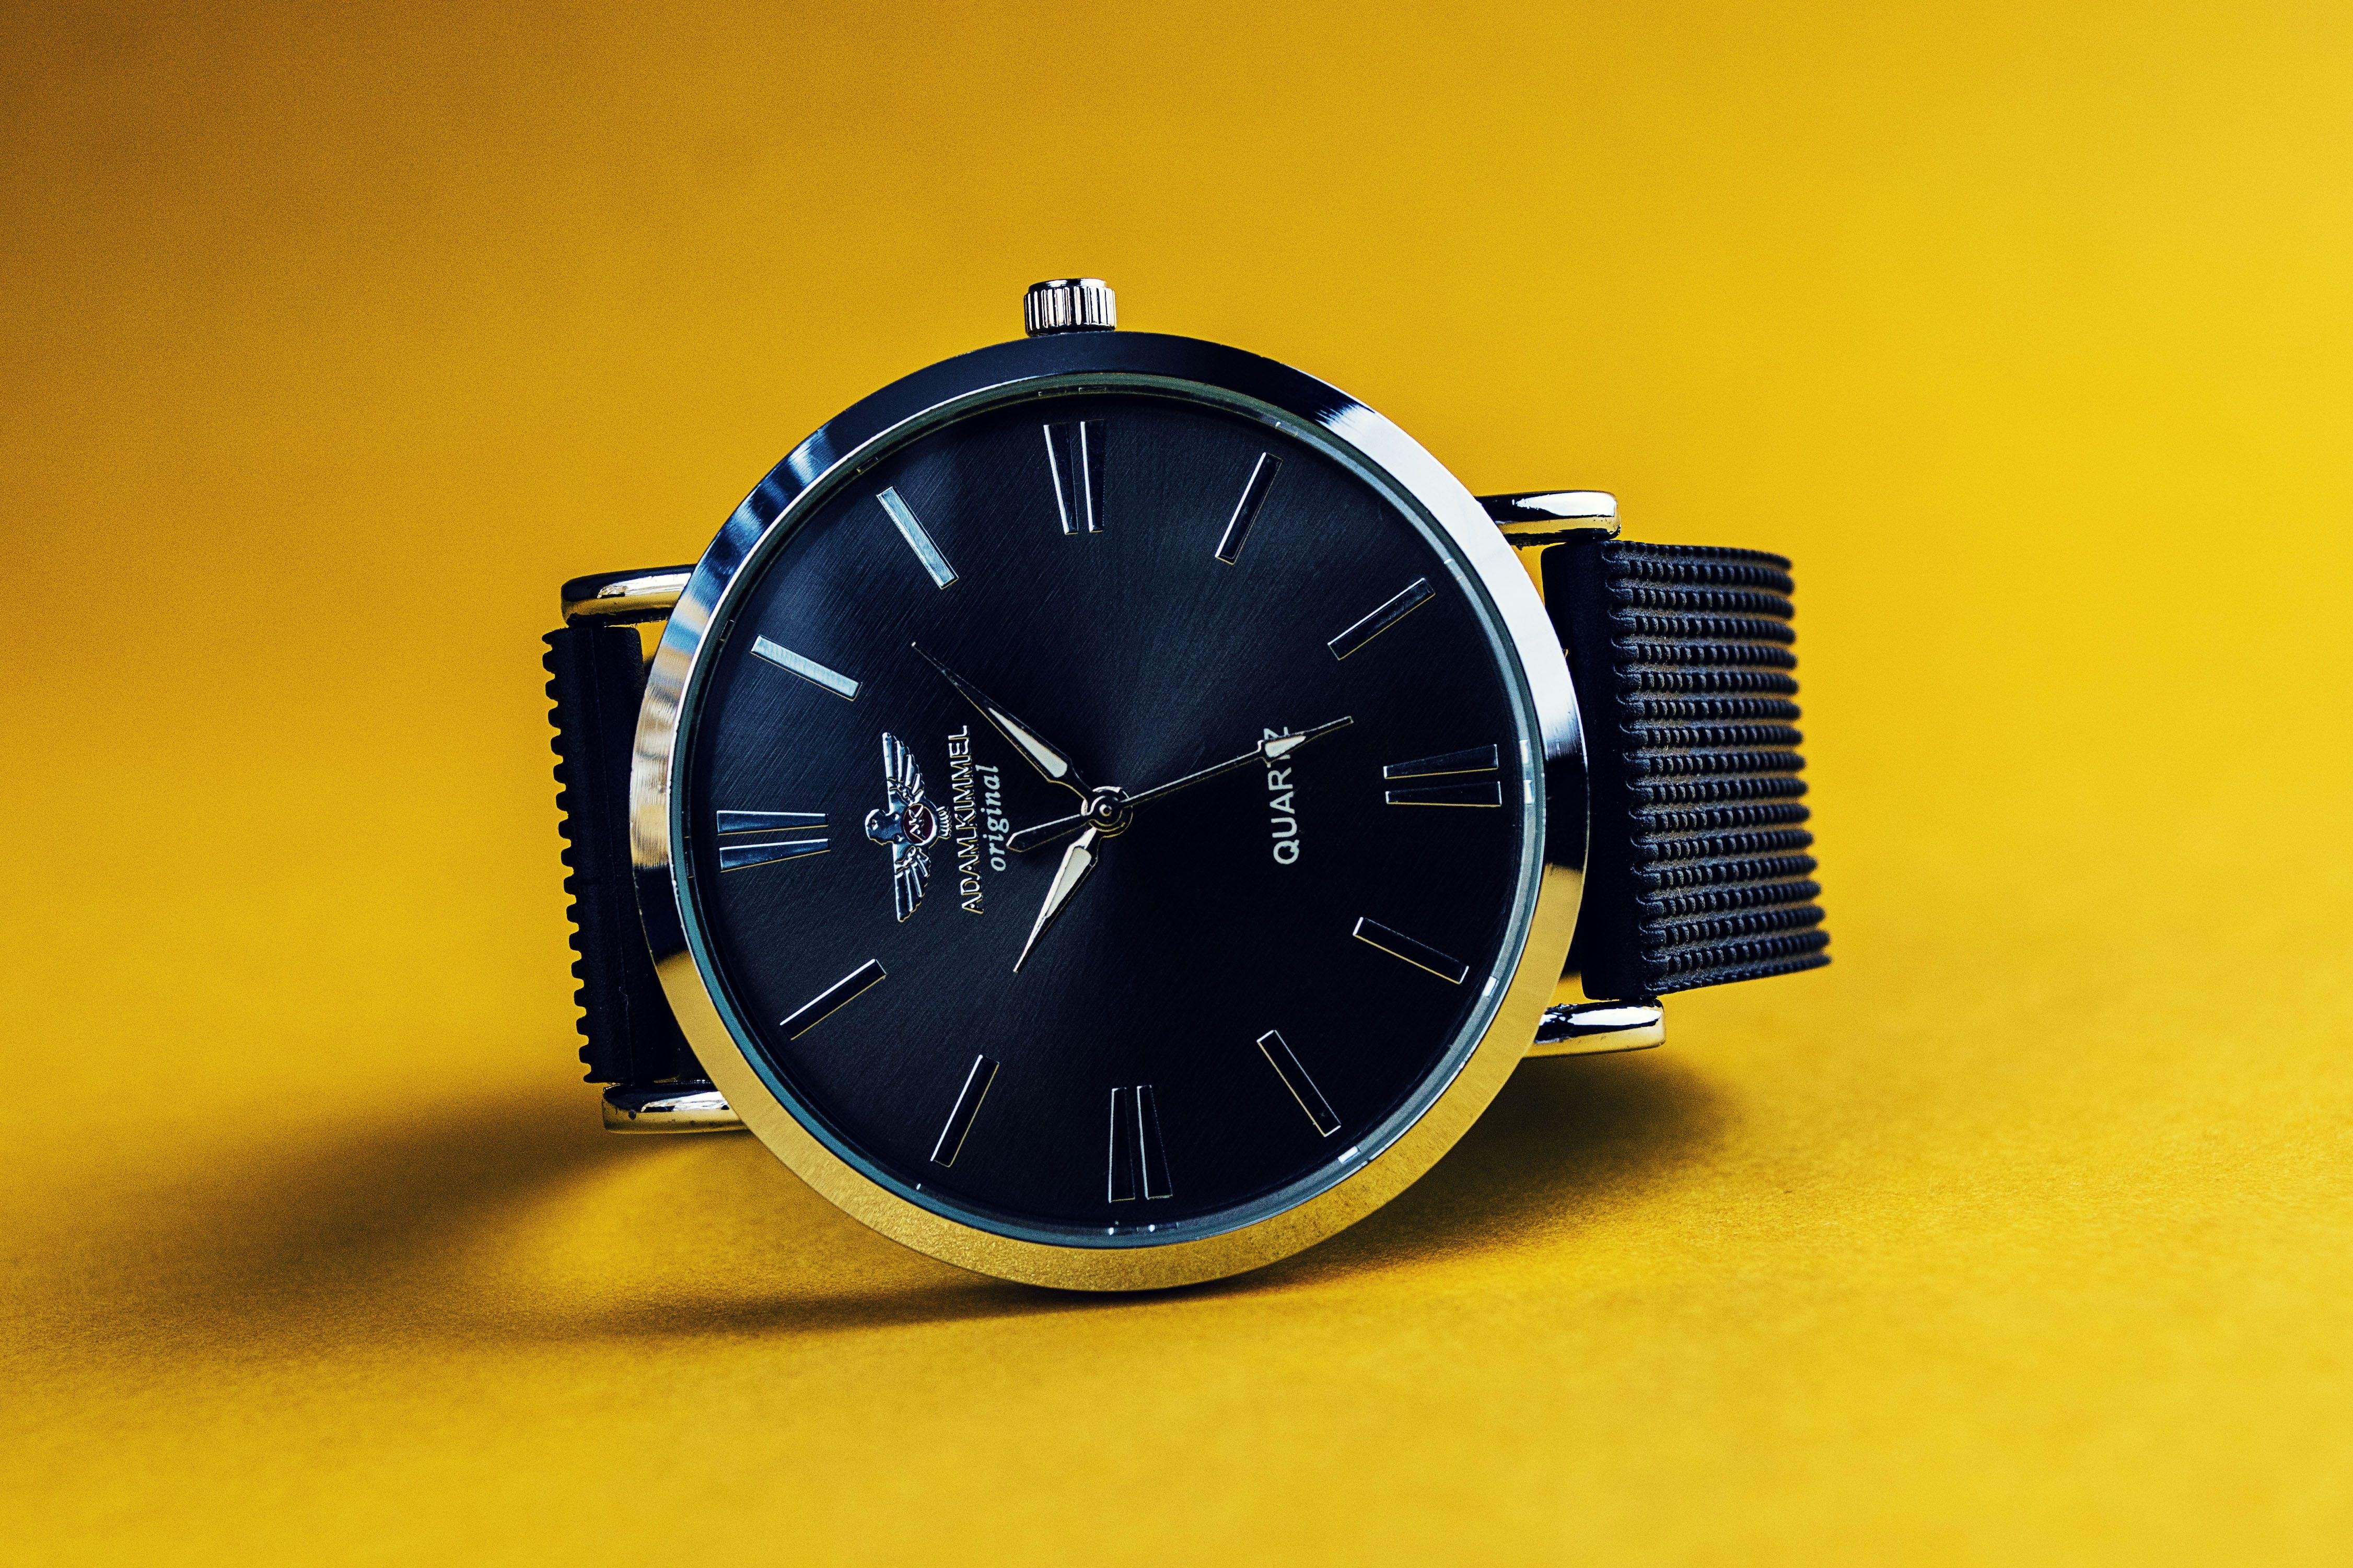 Gratis stockfoto met conceptueel, getallen, horloge, instrument